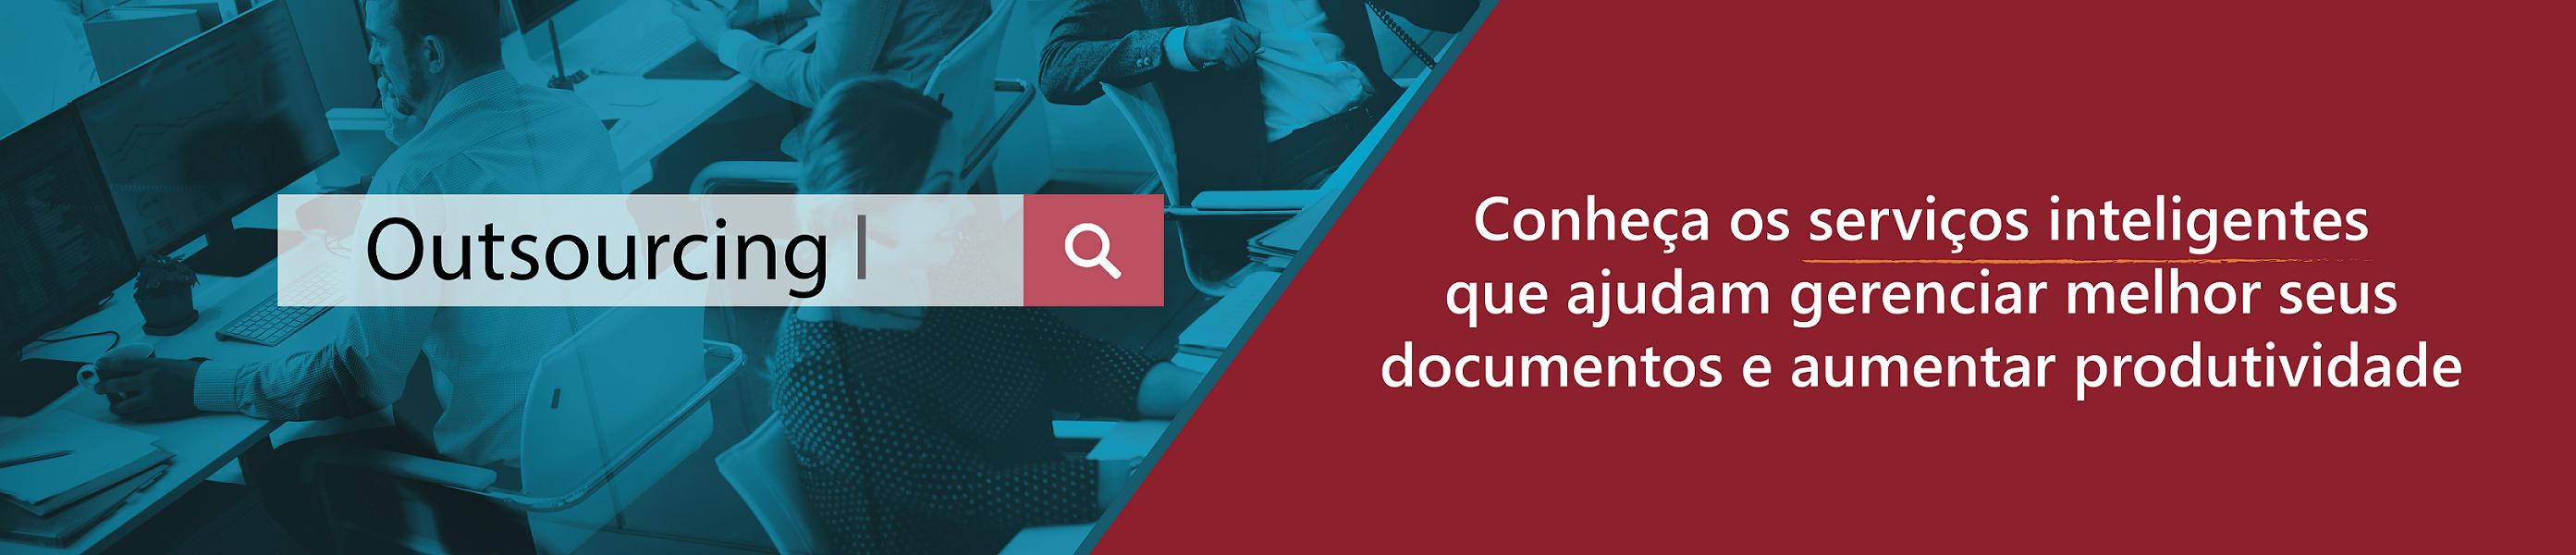 Outsourcing - Conheça os serviços inteligentes que ajudam sua empresa a economizar em cada página